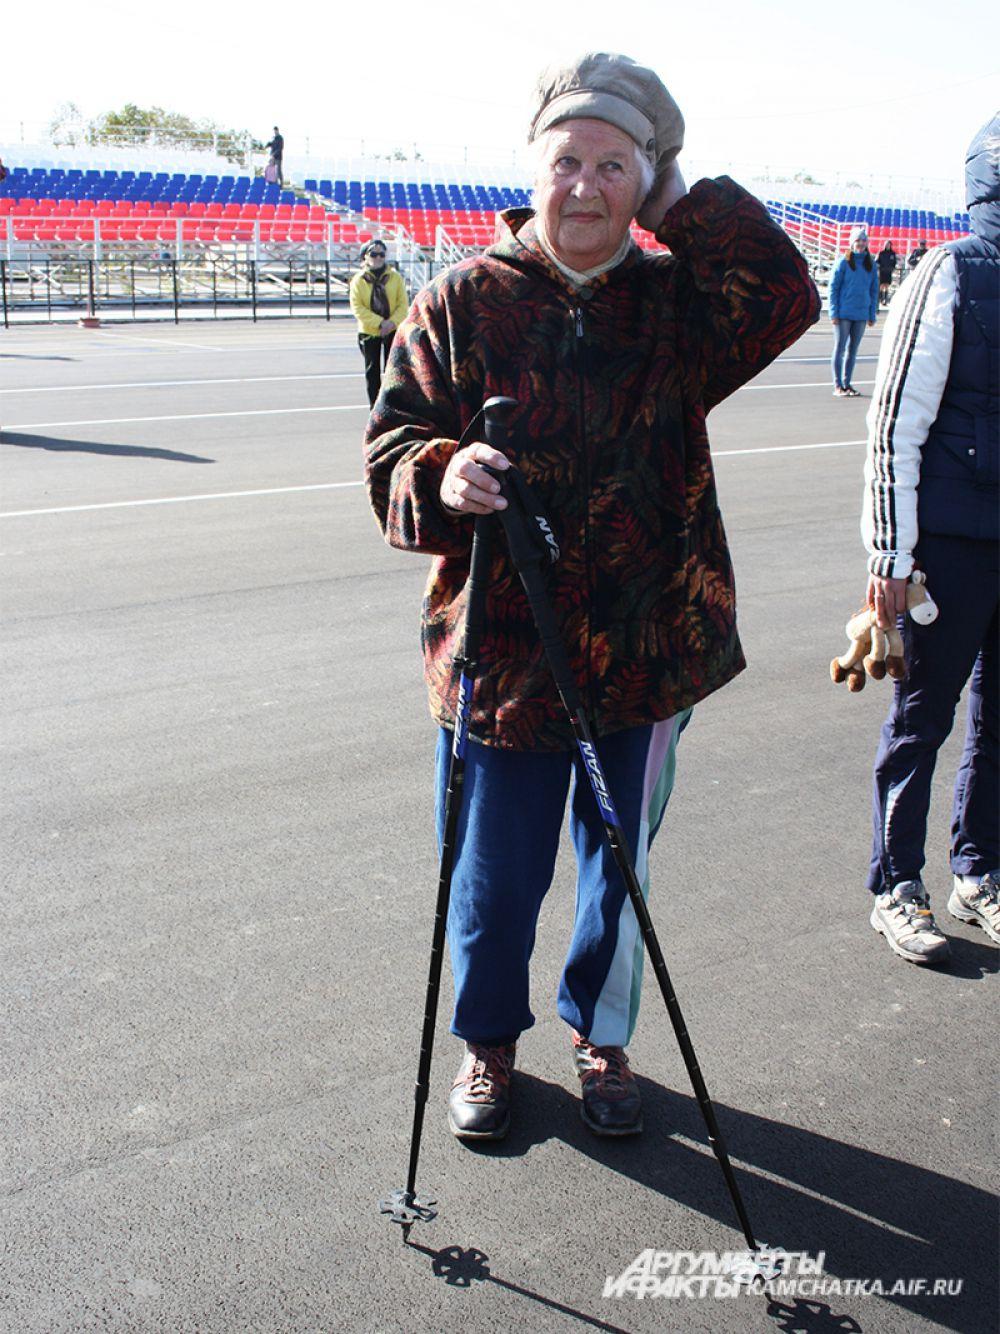 Участие в спортивном мероприятии приняли жители края всех возрастов и разной физической подготовки.